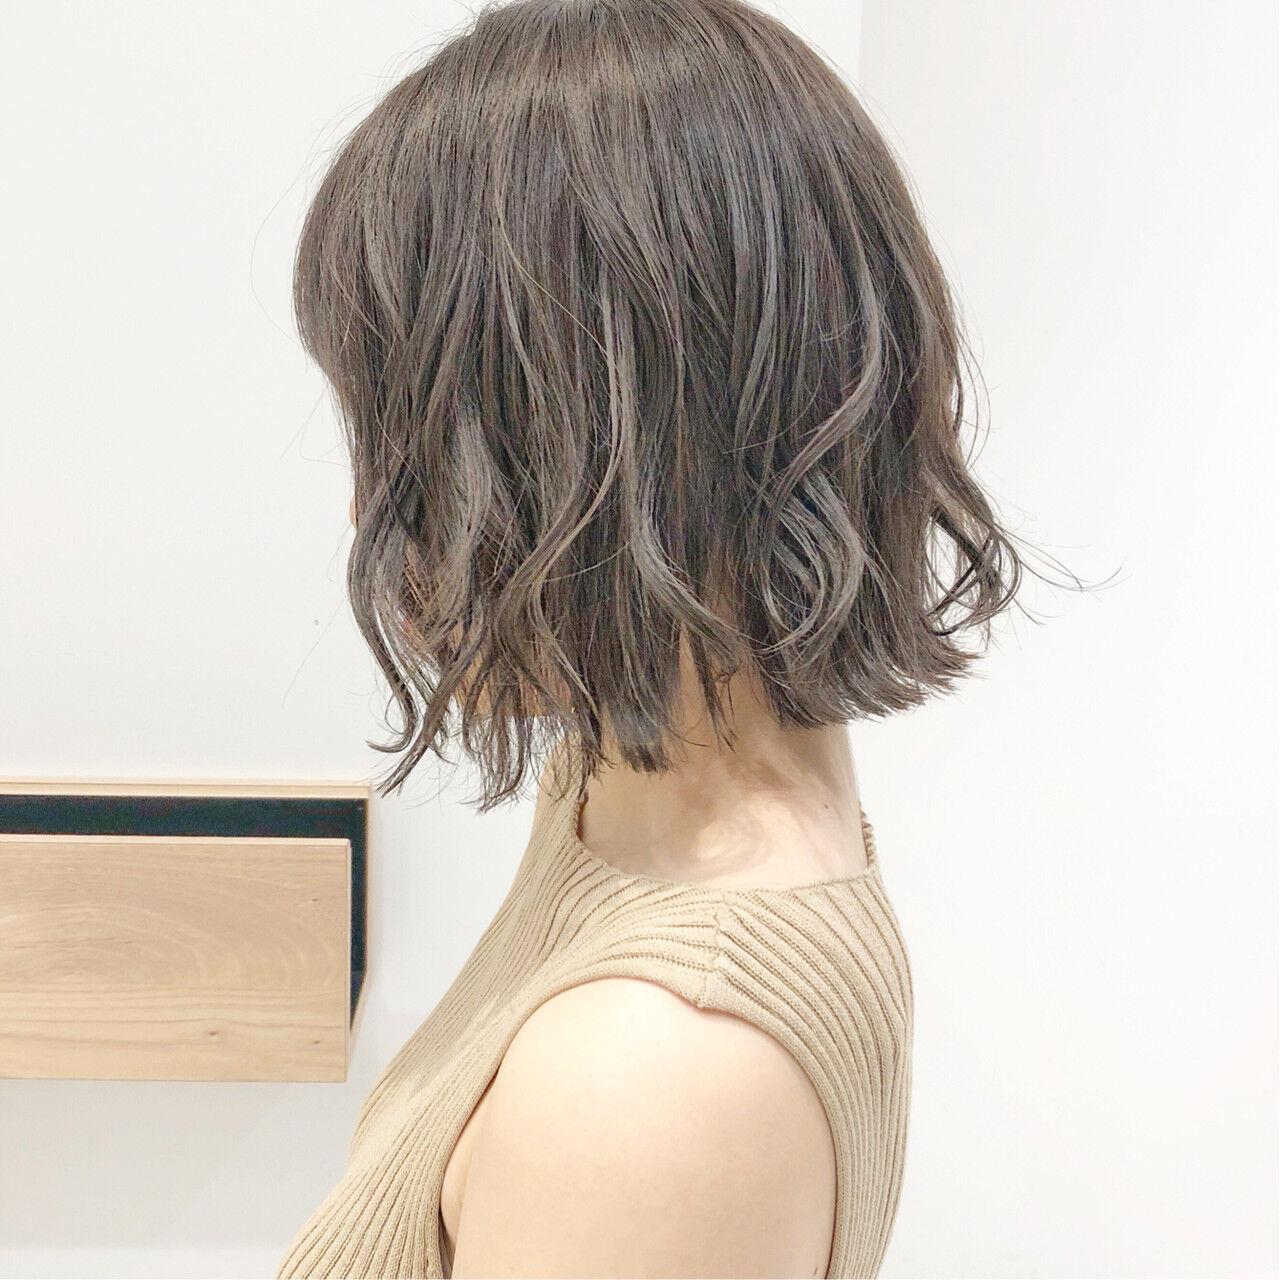 ナチュラル デート ボブ スポーツヘアスタイルや髪型の写真・画像